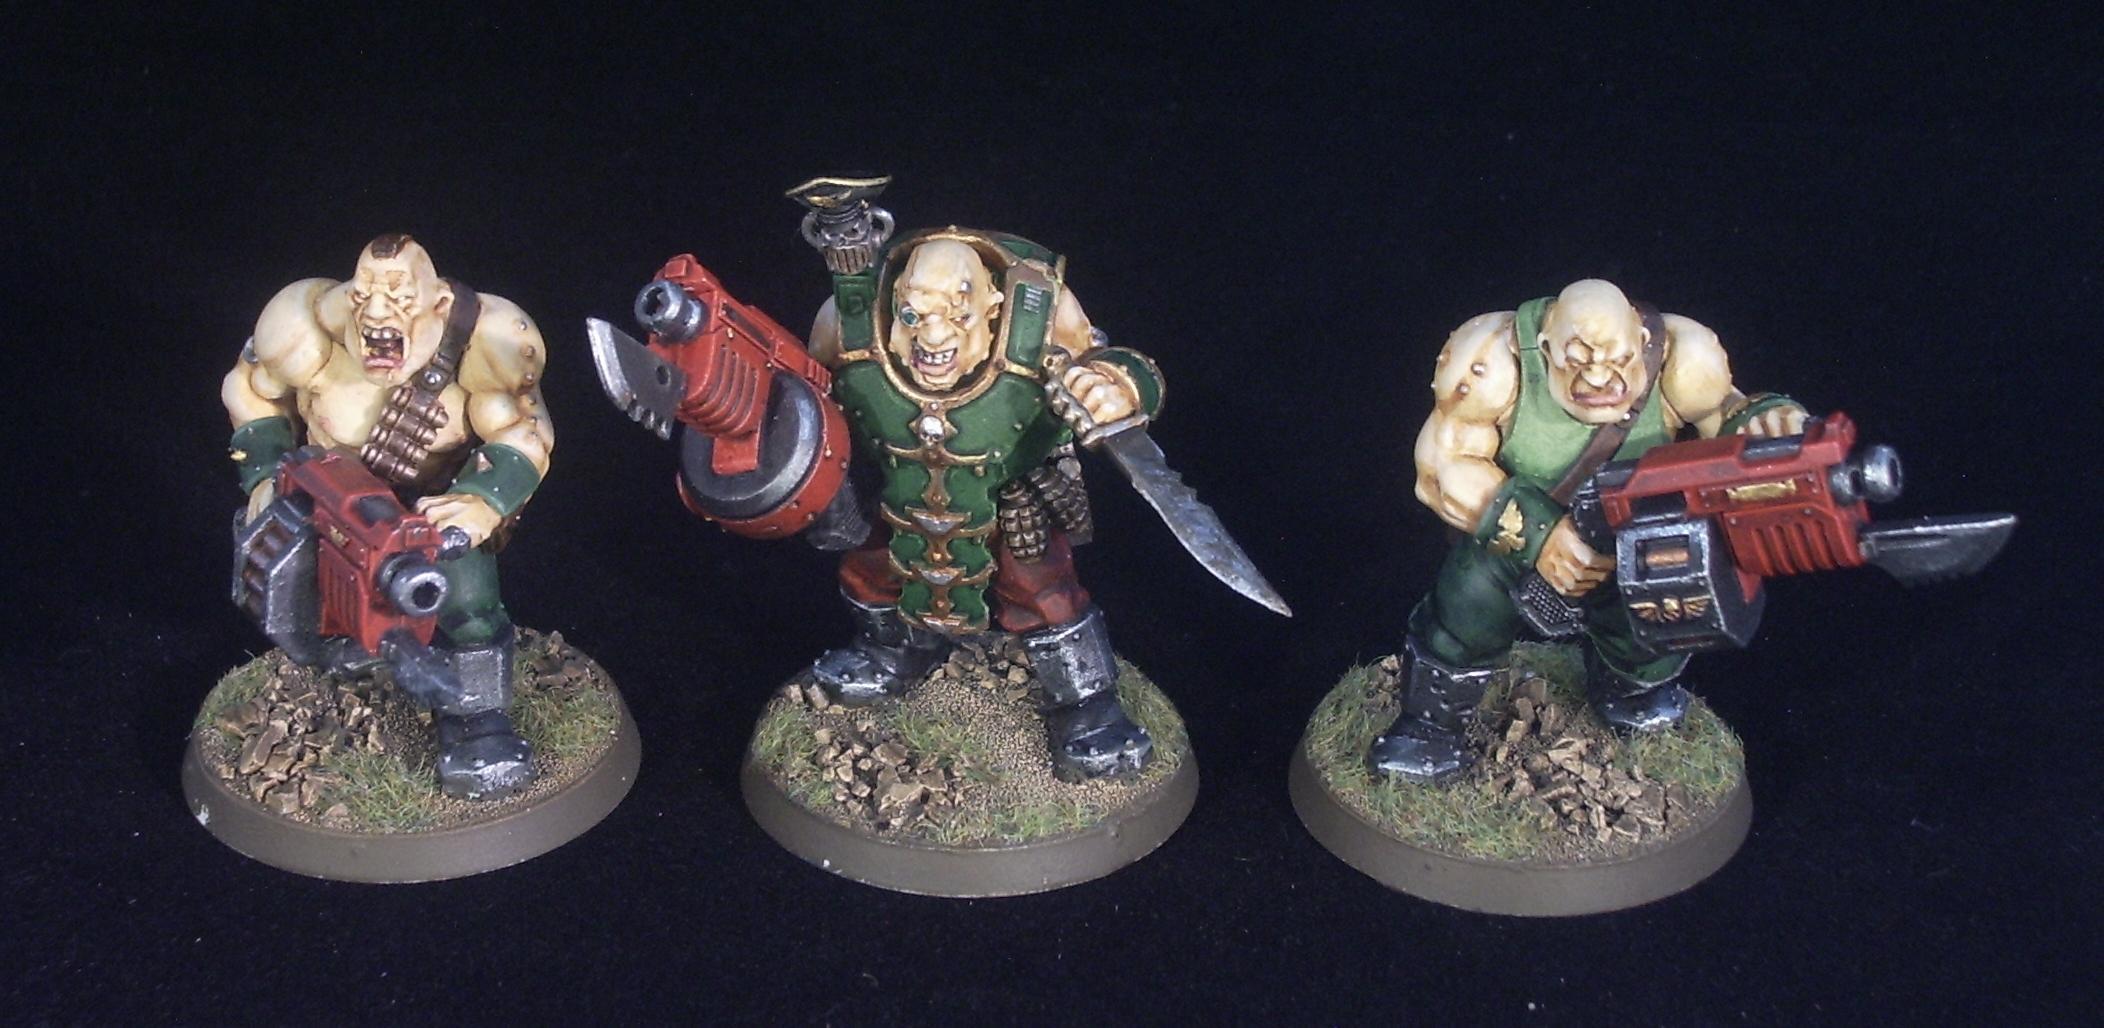 Astra Millitarum, Bullgryn, Imperial Guard, New Ogryn, Nork Deddog, Ogryns